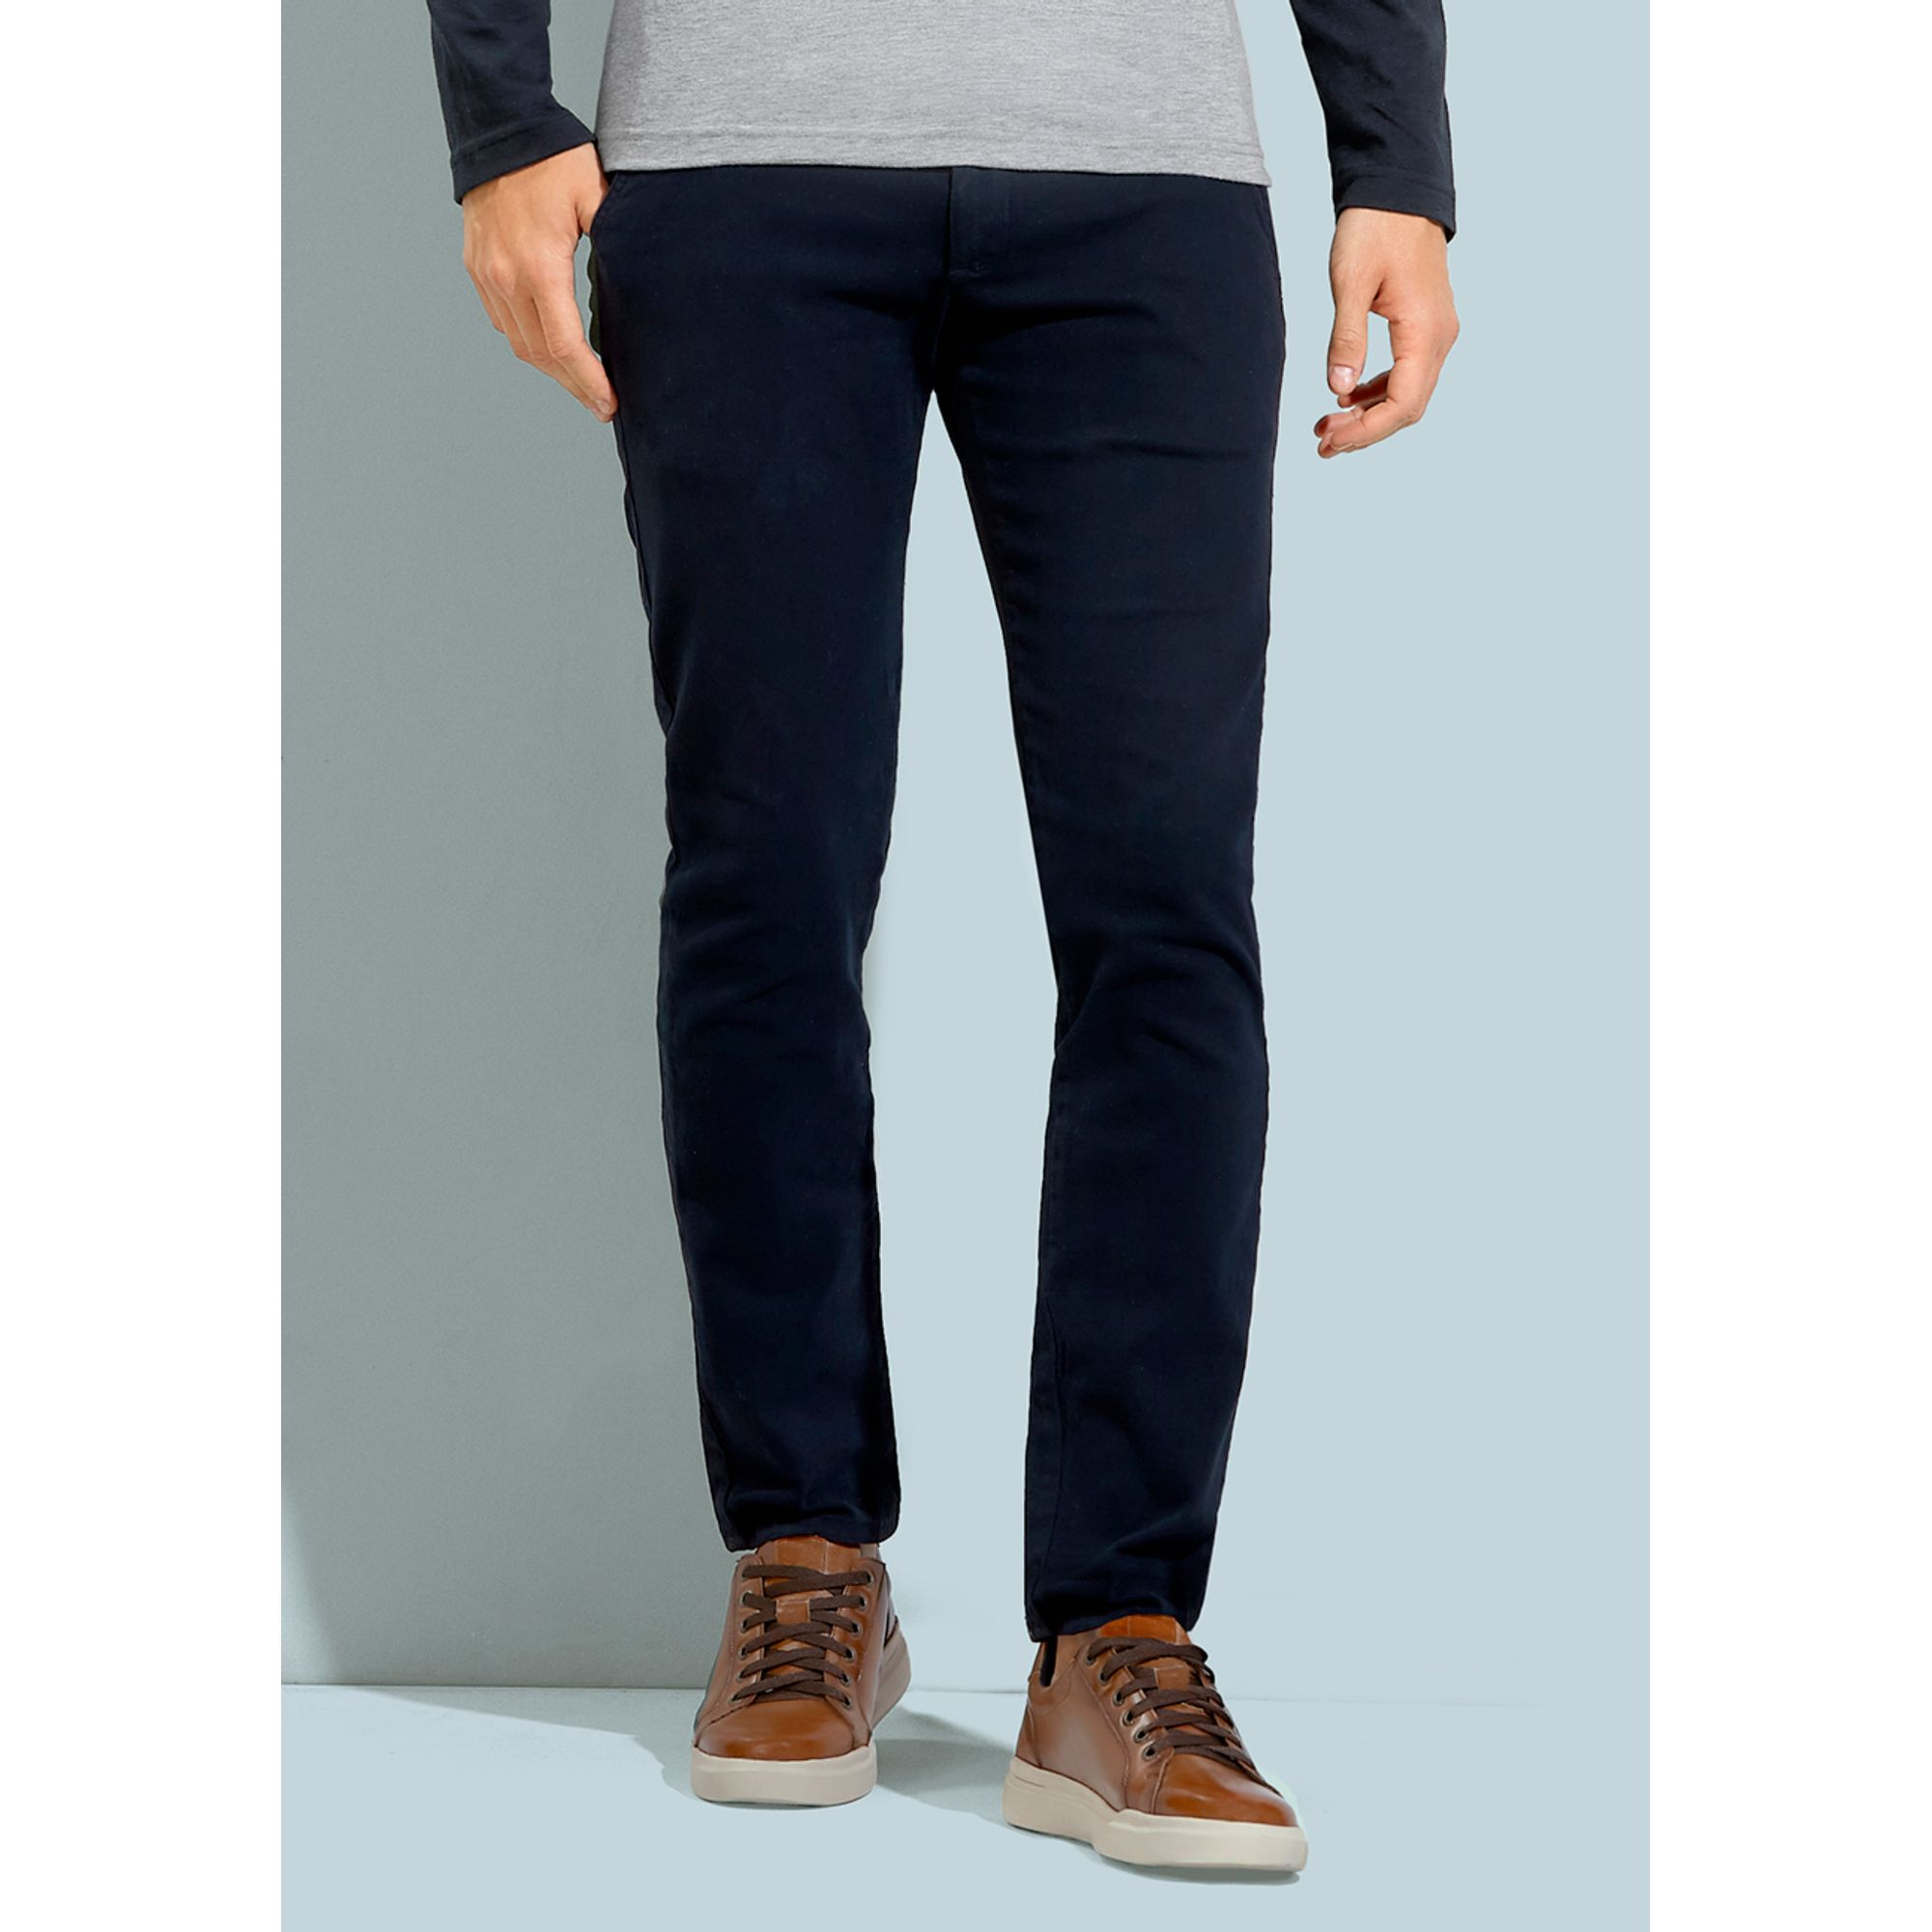 Pantalon Azul Marino 1391510 Andrea